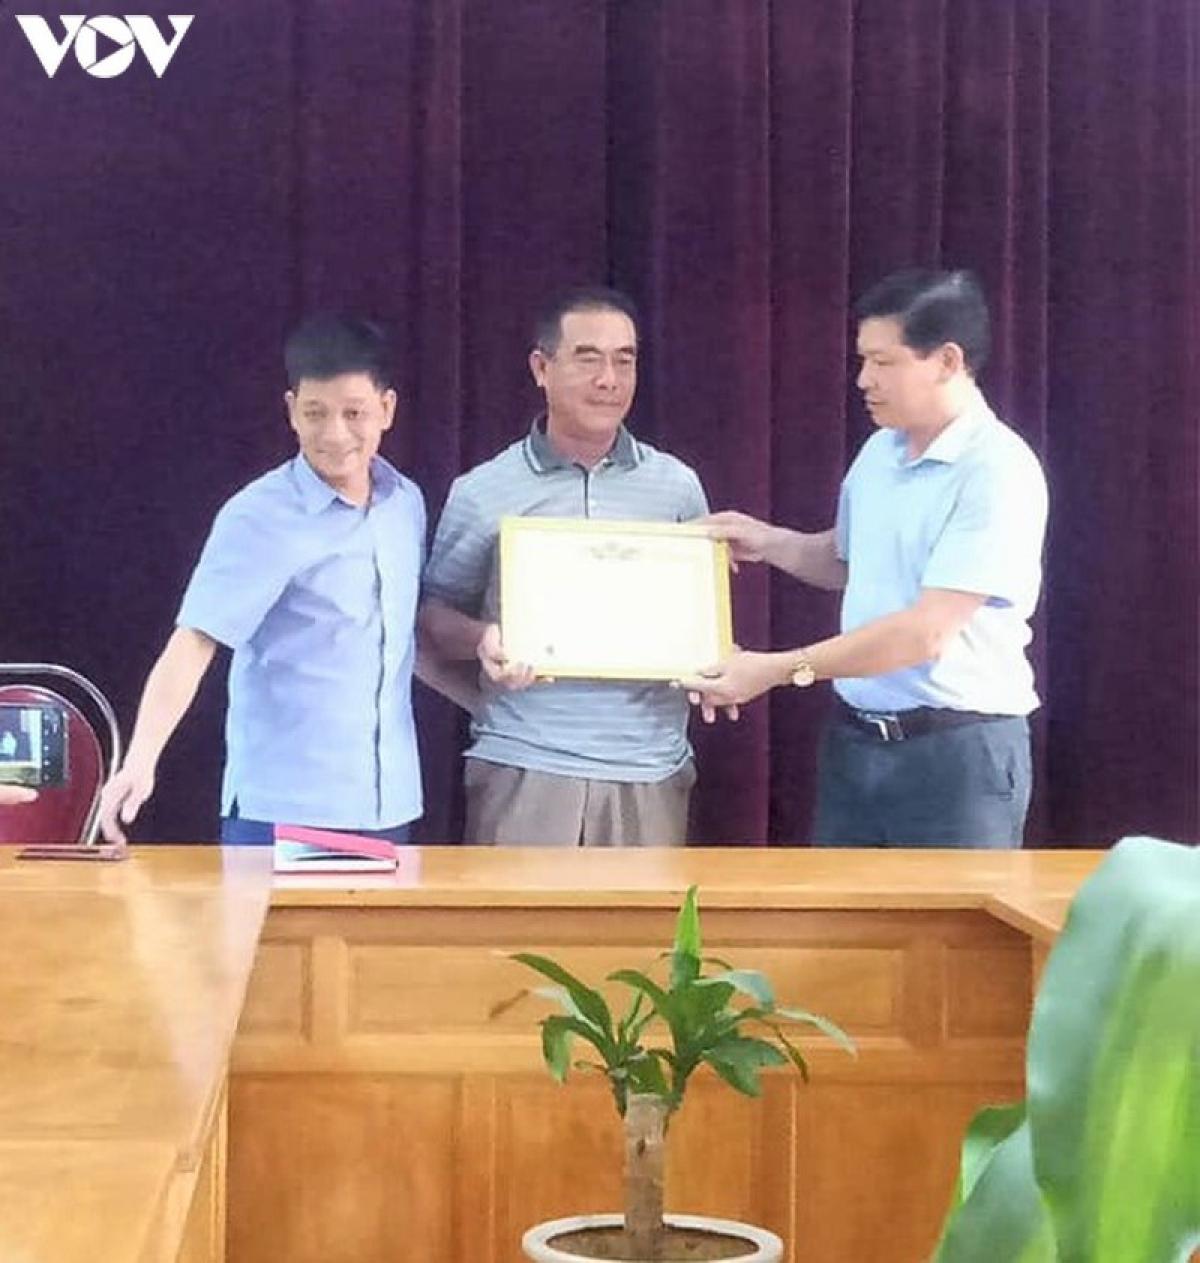 Chủ tịch UBND xã Lang Thíp Lê Minh Lập trao tặng Giấy khen cho ông Dũng (ở giữa).